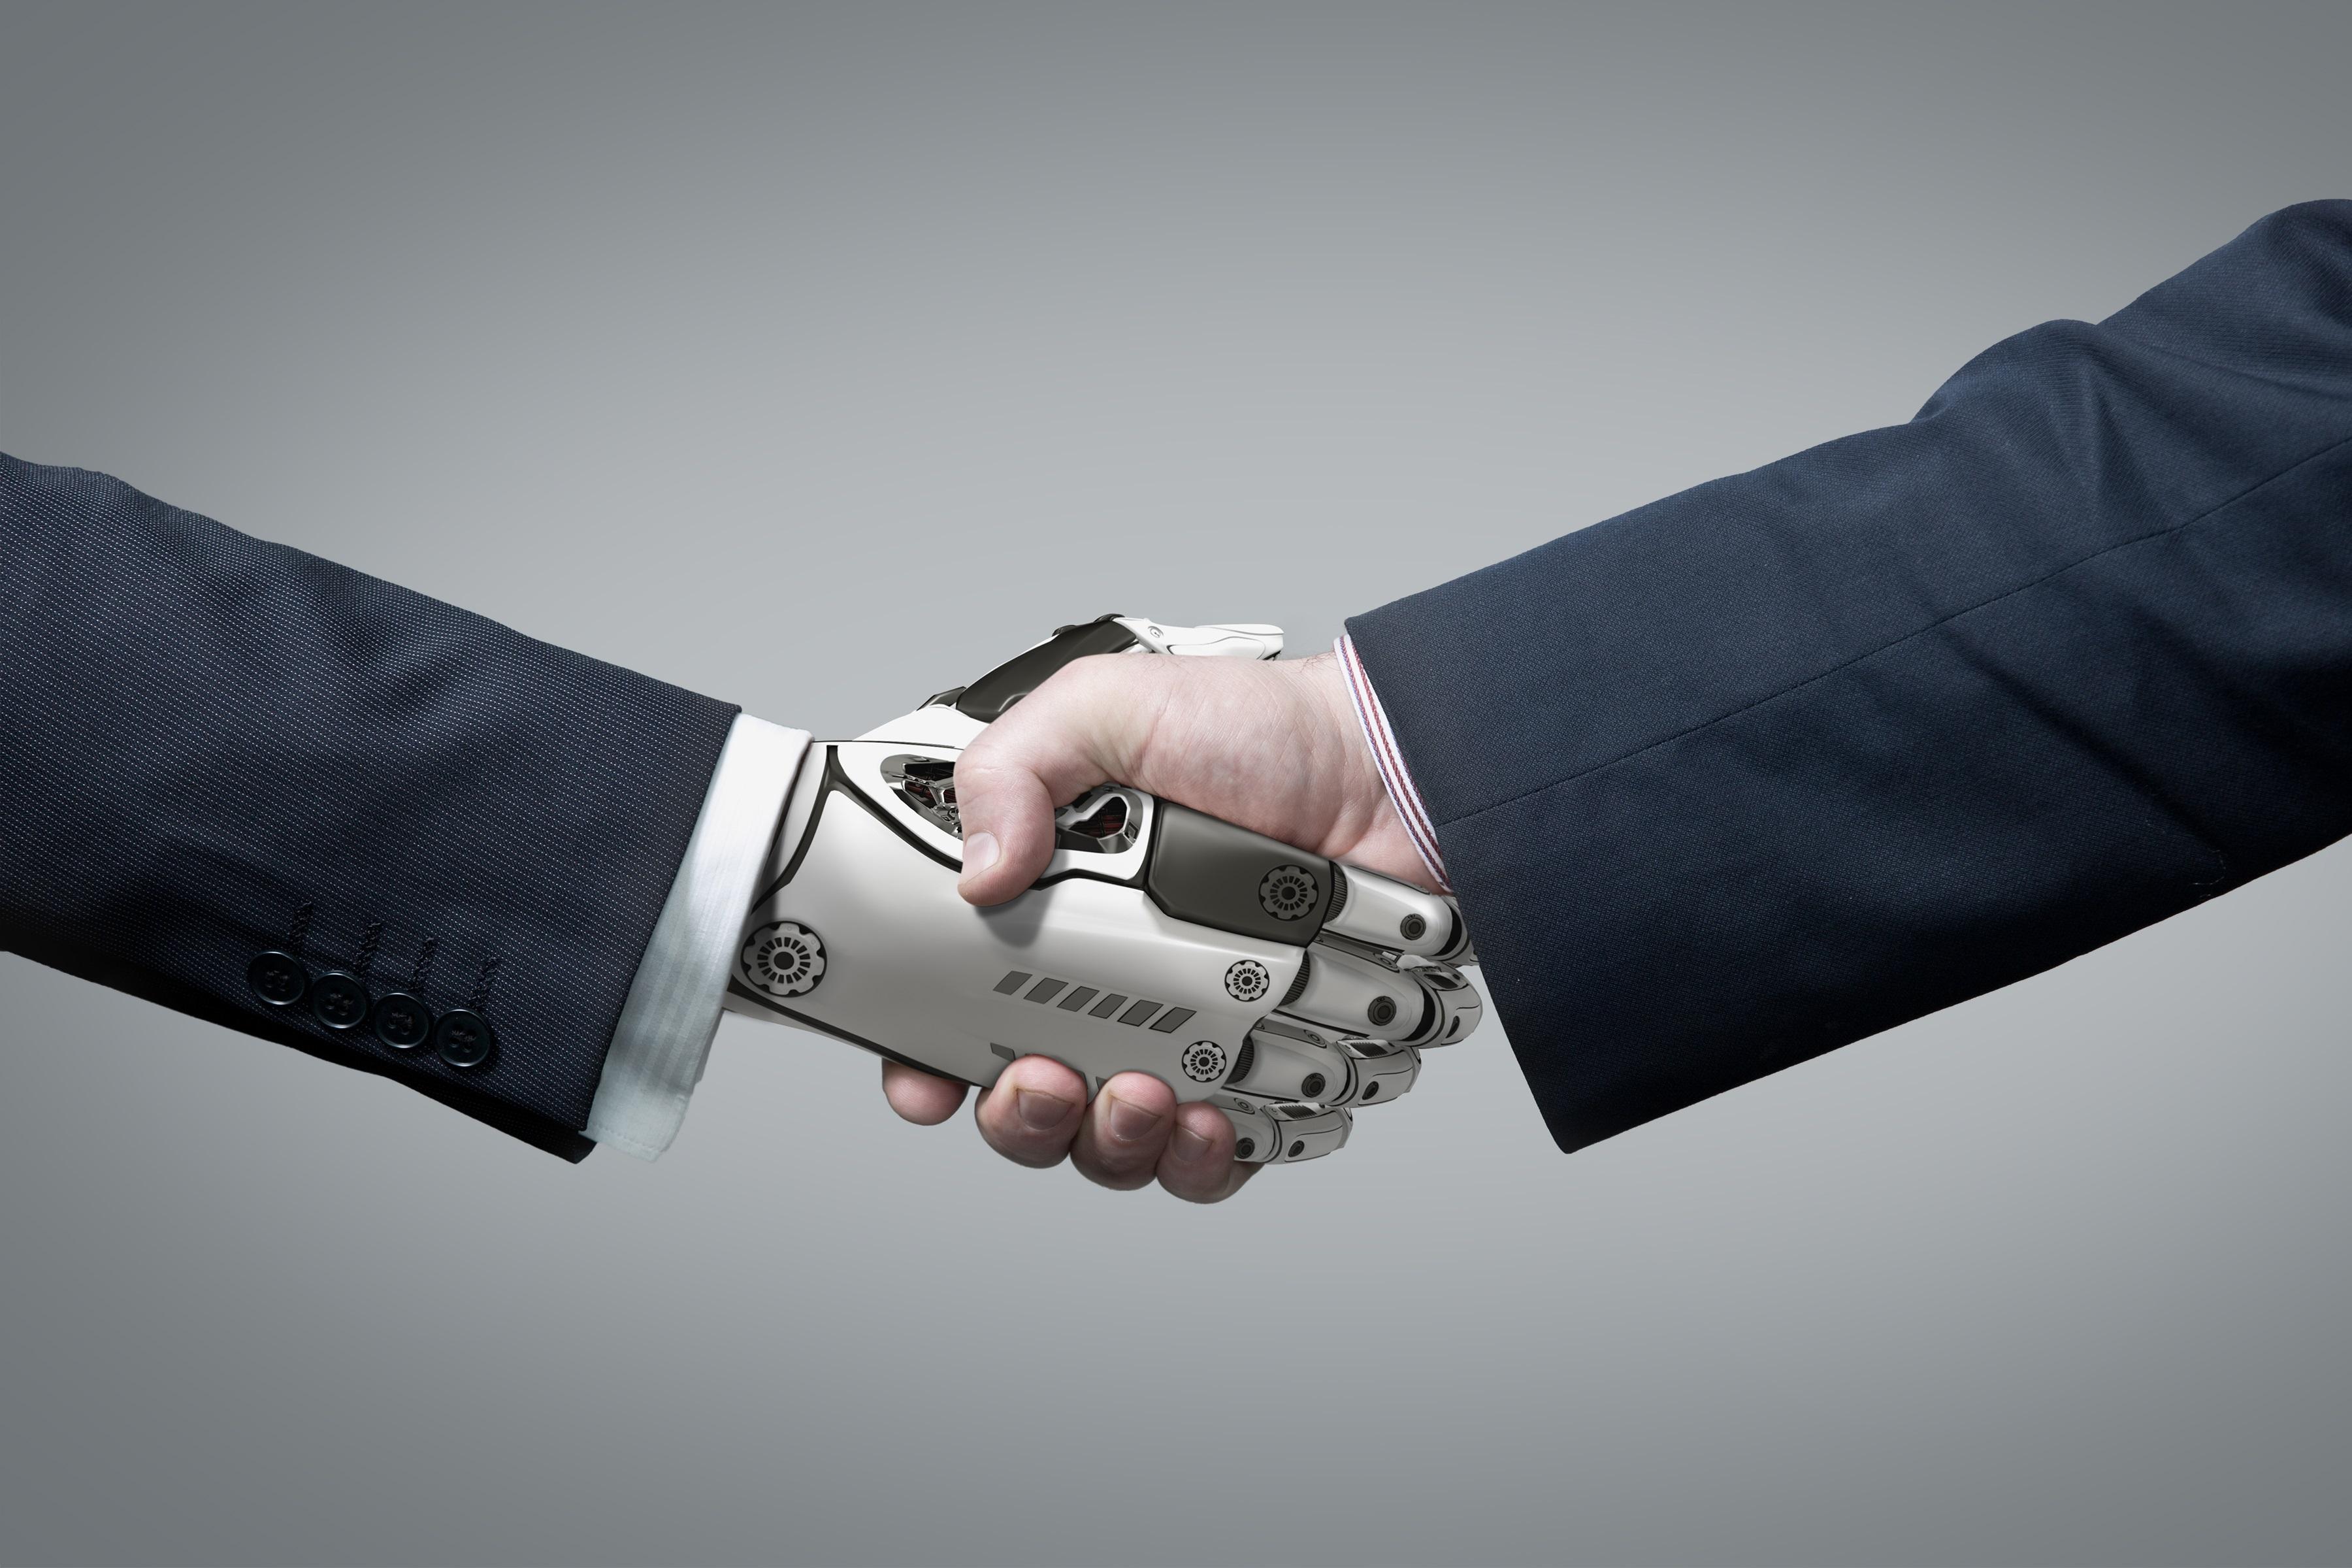 هوش مصنوعی در محل کار جای ما را نمیگیرد بلکه کیفیت کارمان را بیشتر میکند